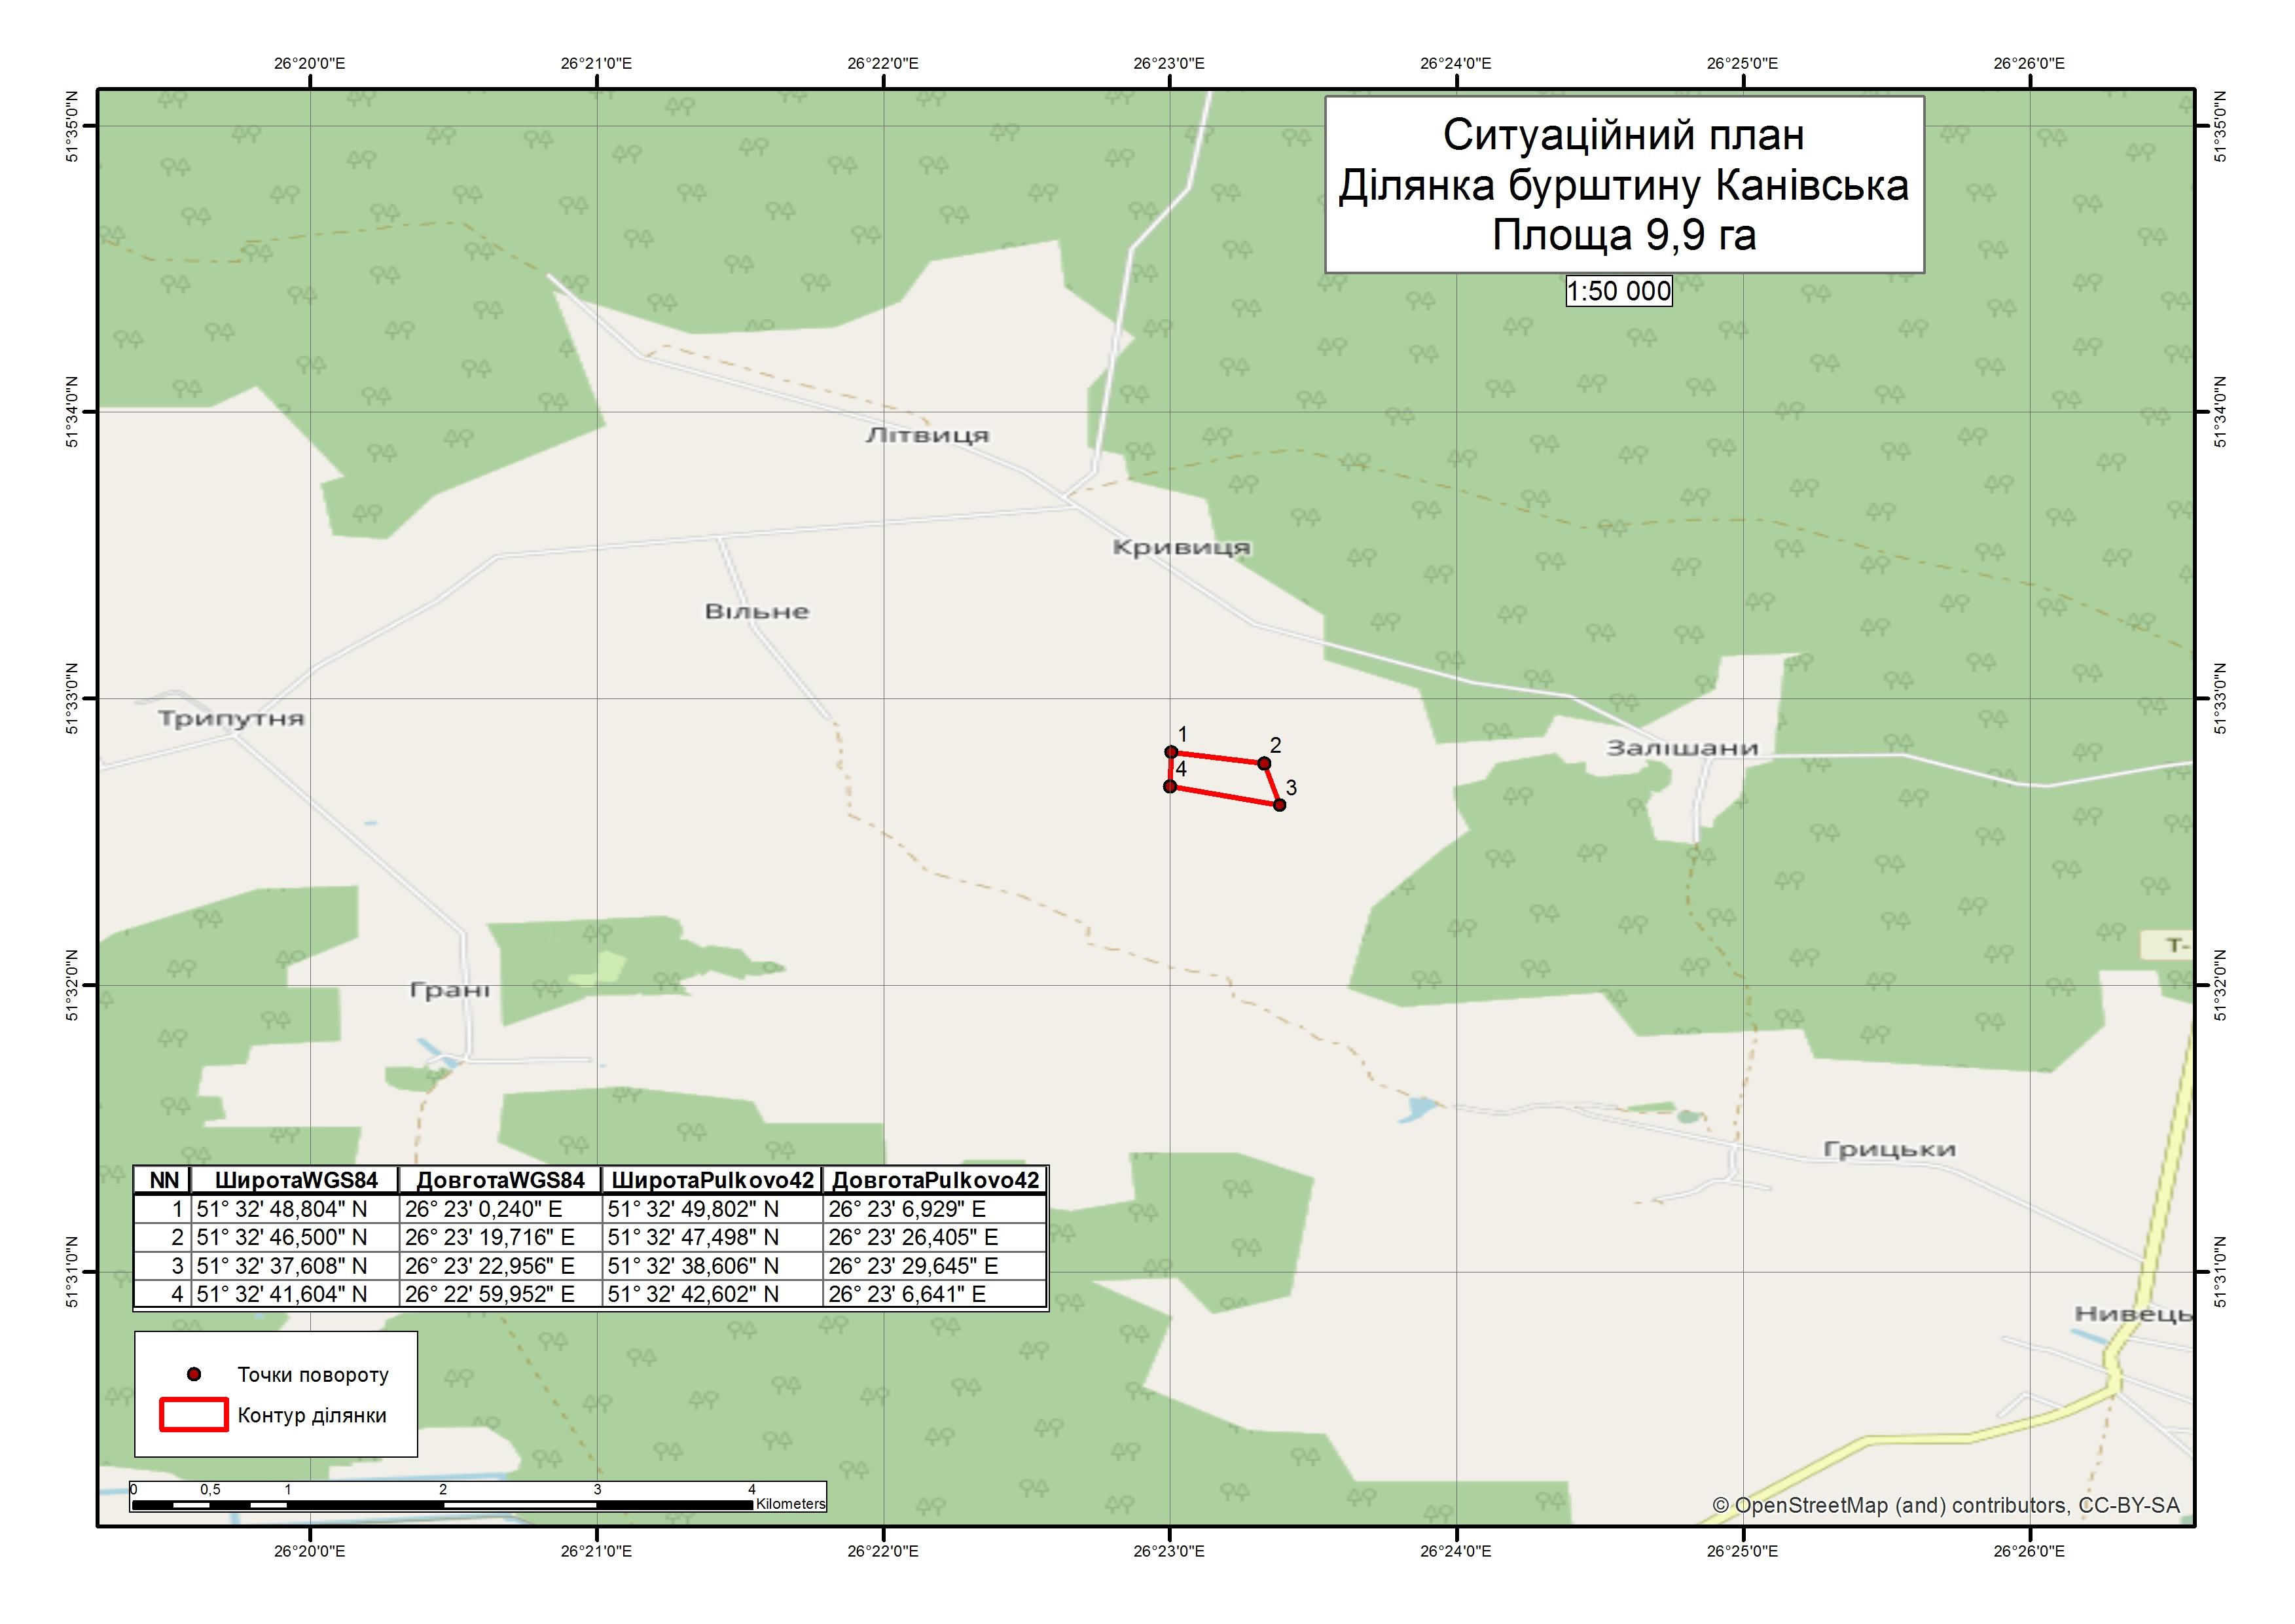 Спеціальний дозвіл на користування надрами – Ділянка Канівська. Вартість геологічної інформації – 97 931,74 грн (з ПДВ). Вартість пакету аукціонної документації – 5 250,96 грн (з ПДВ).